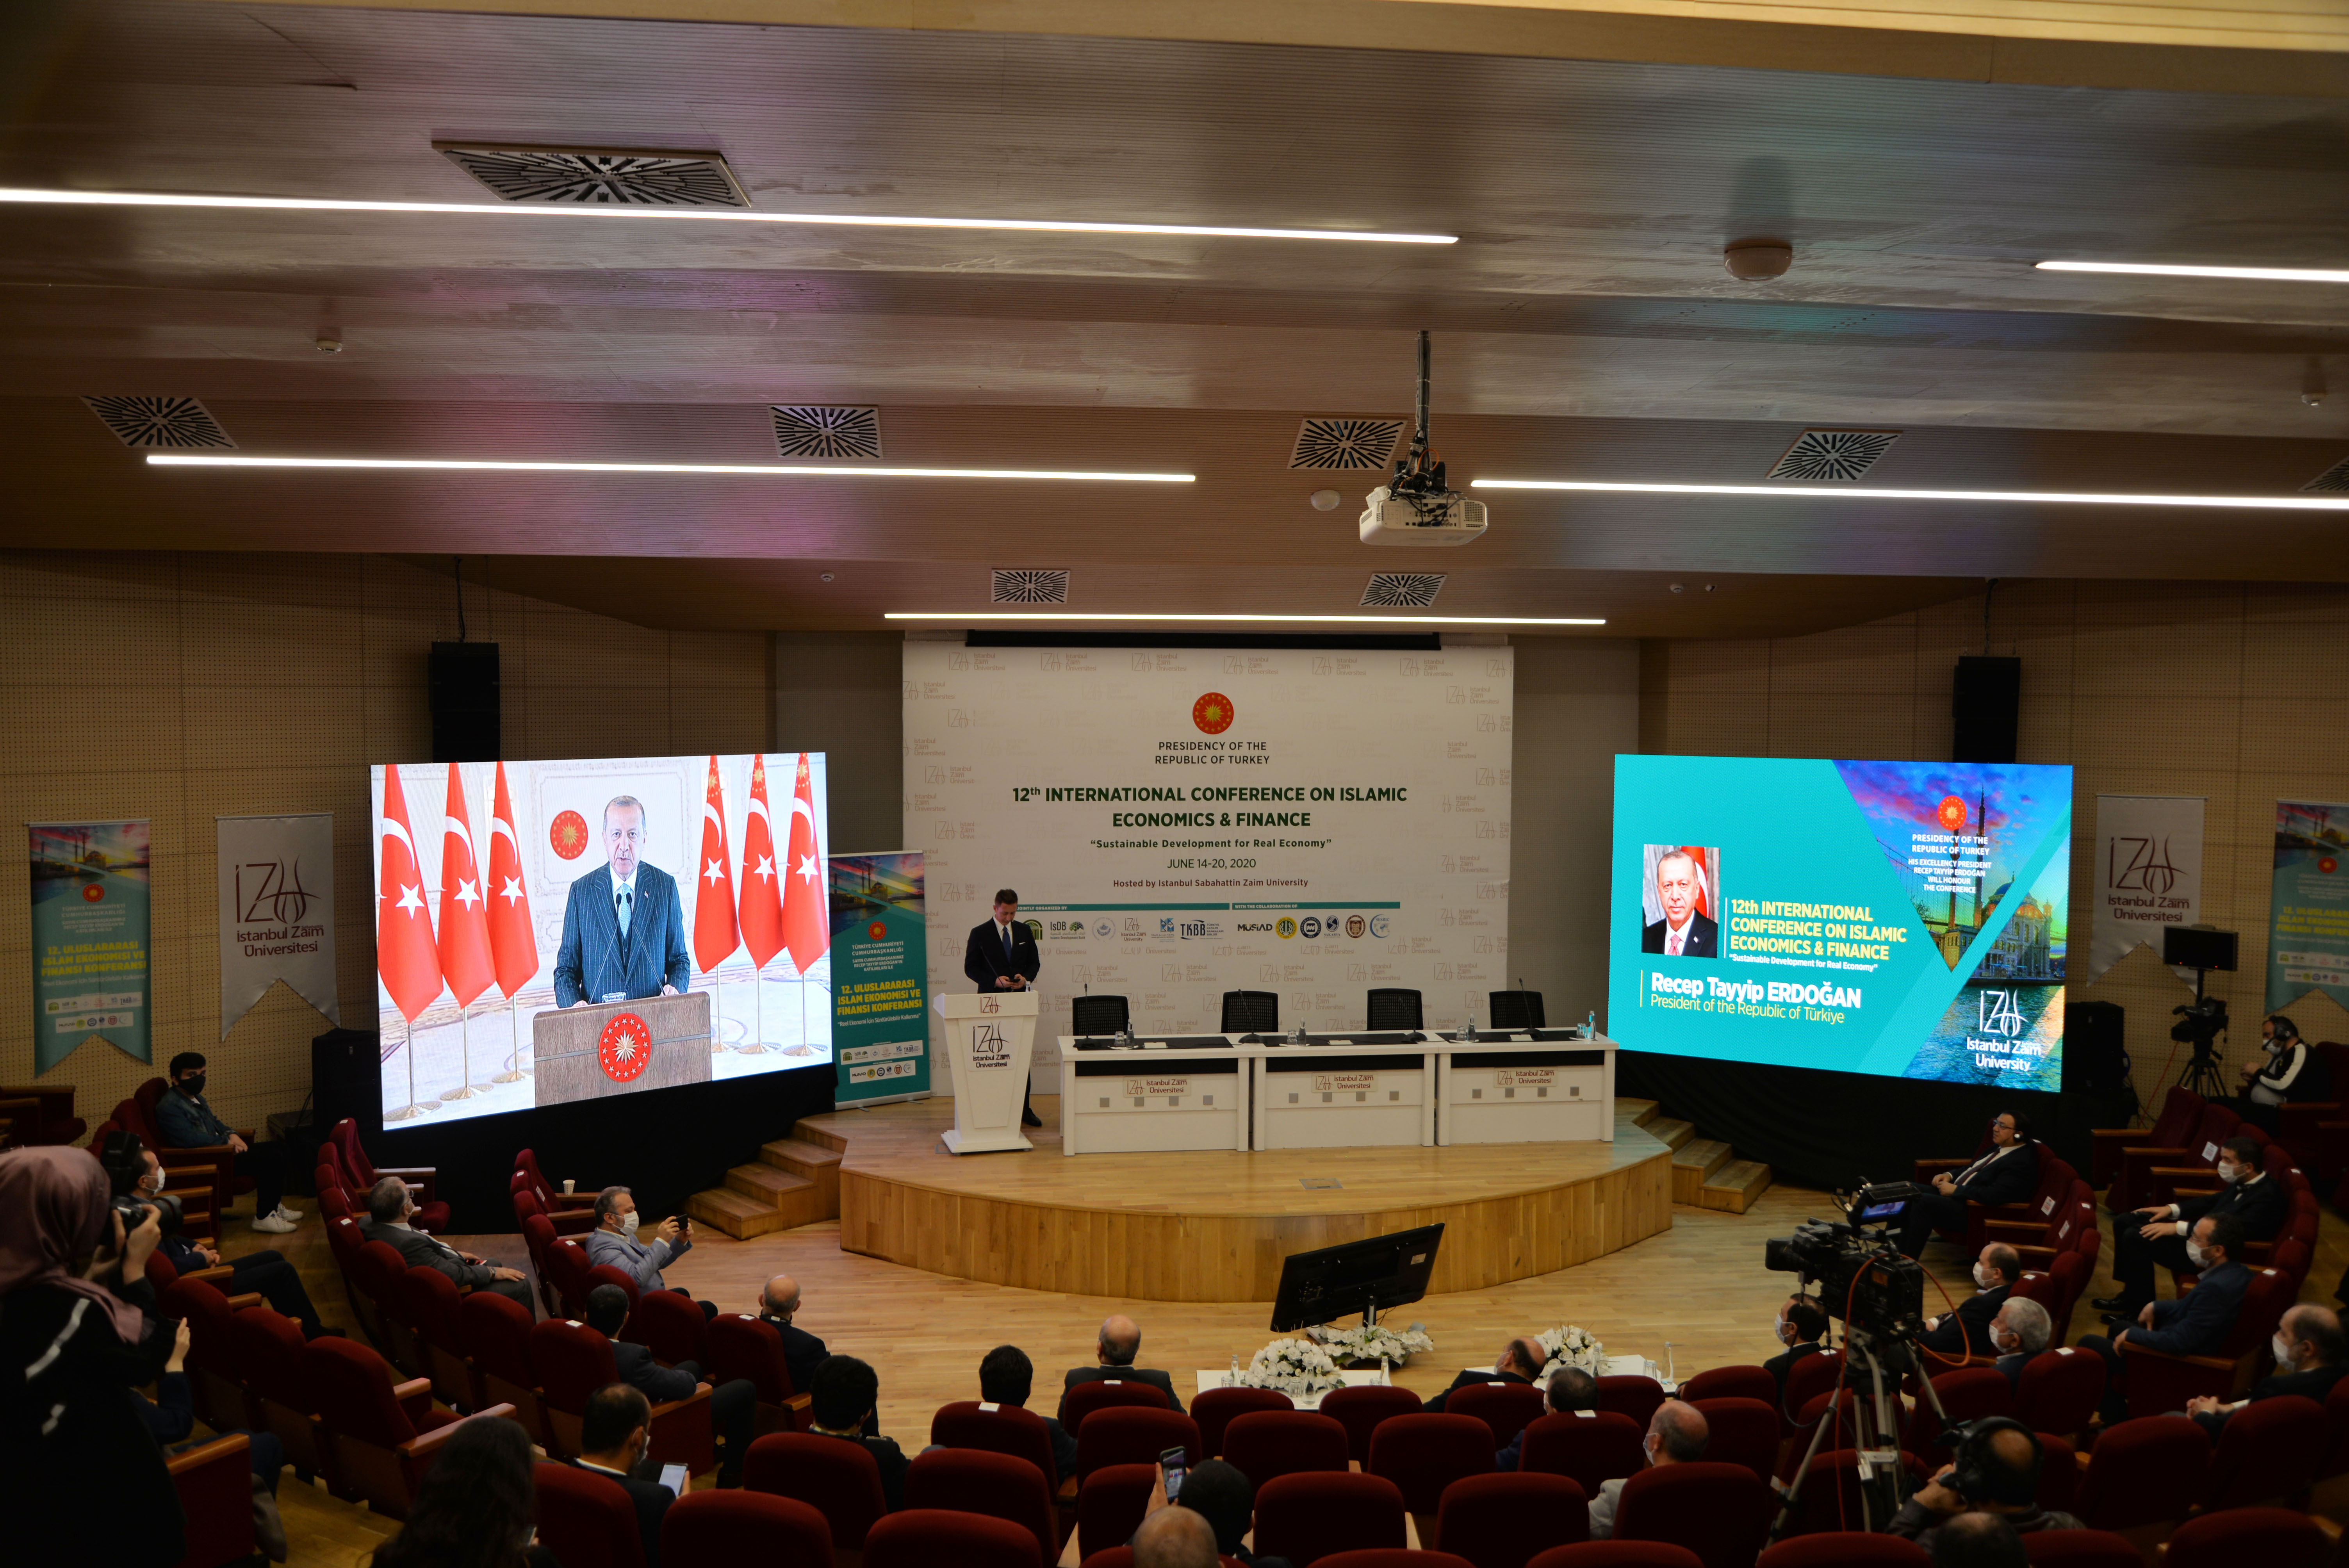 Dünyanın İslam ekonomisi ve finansı temelli model ve sistemlere ihtiyacı var